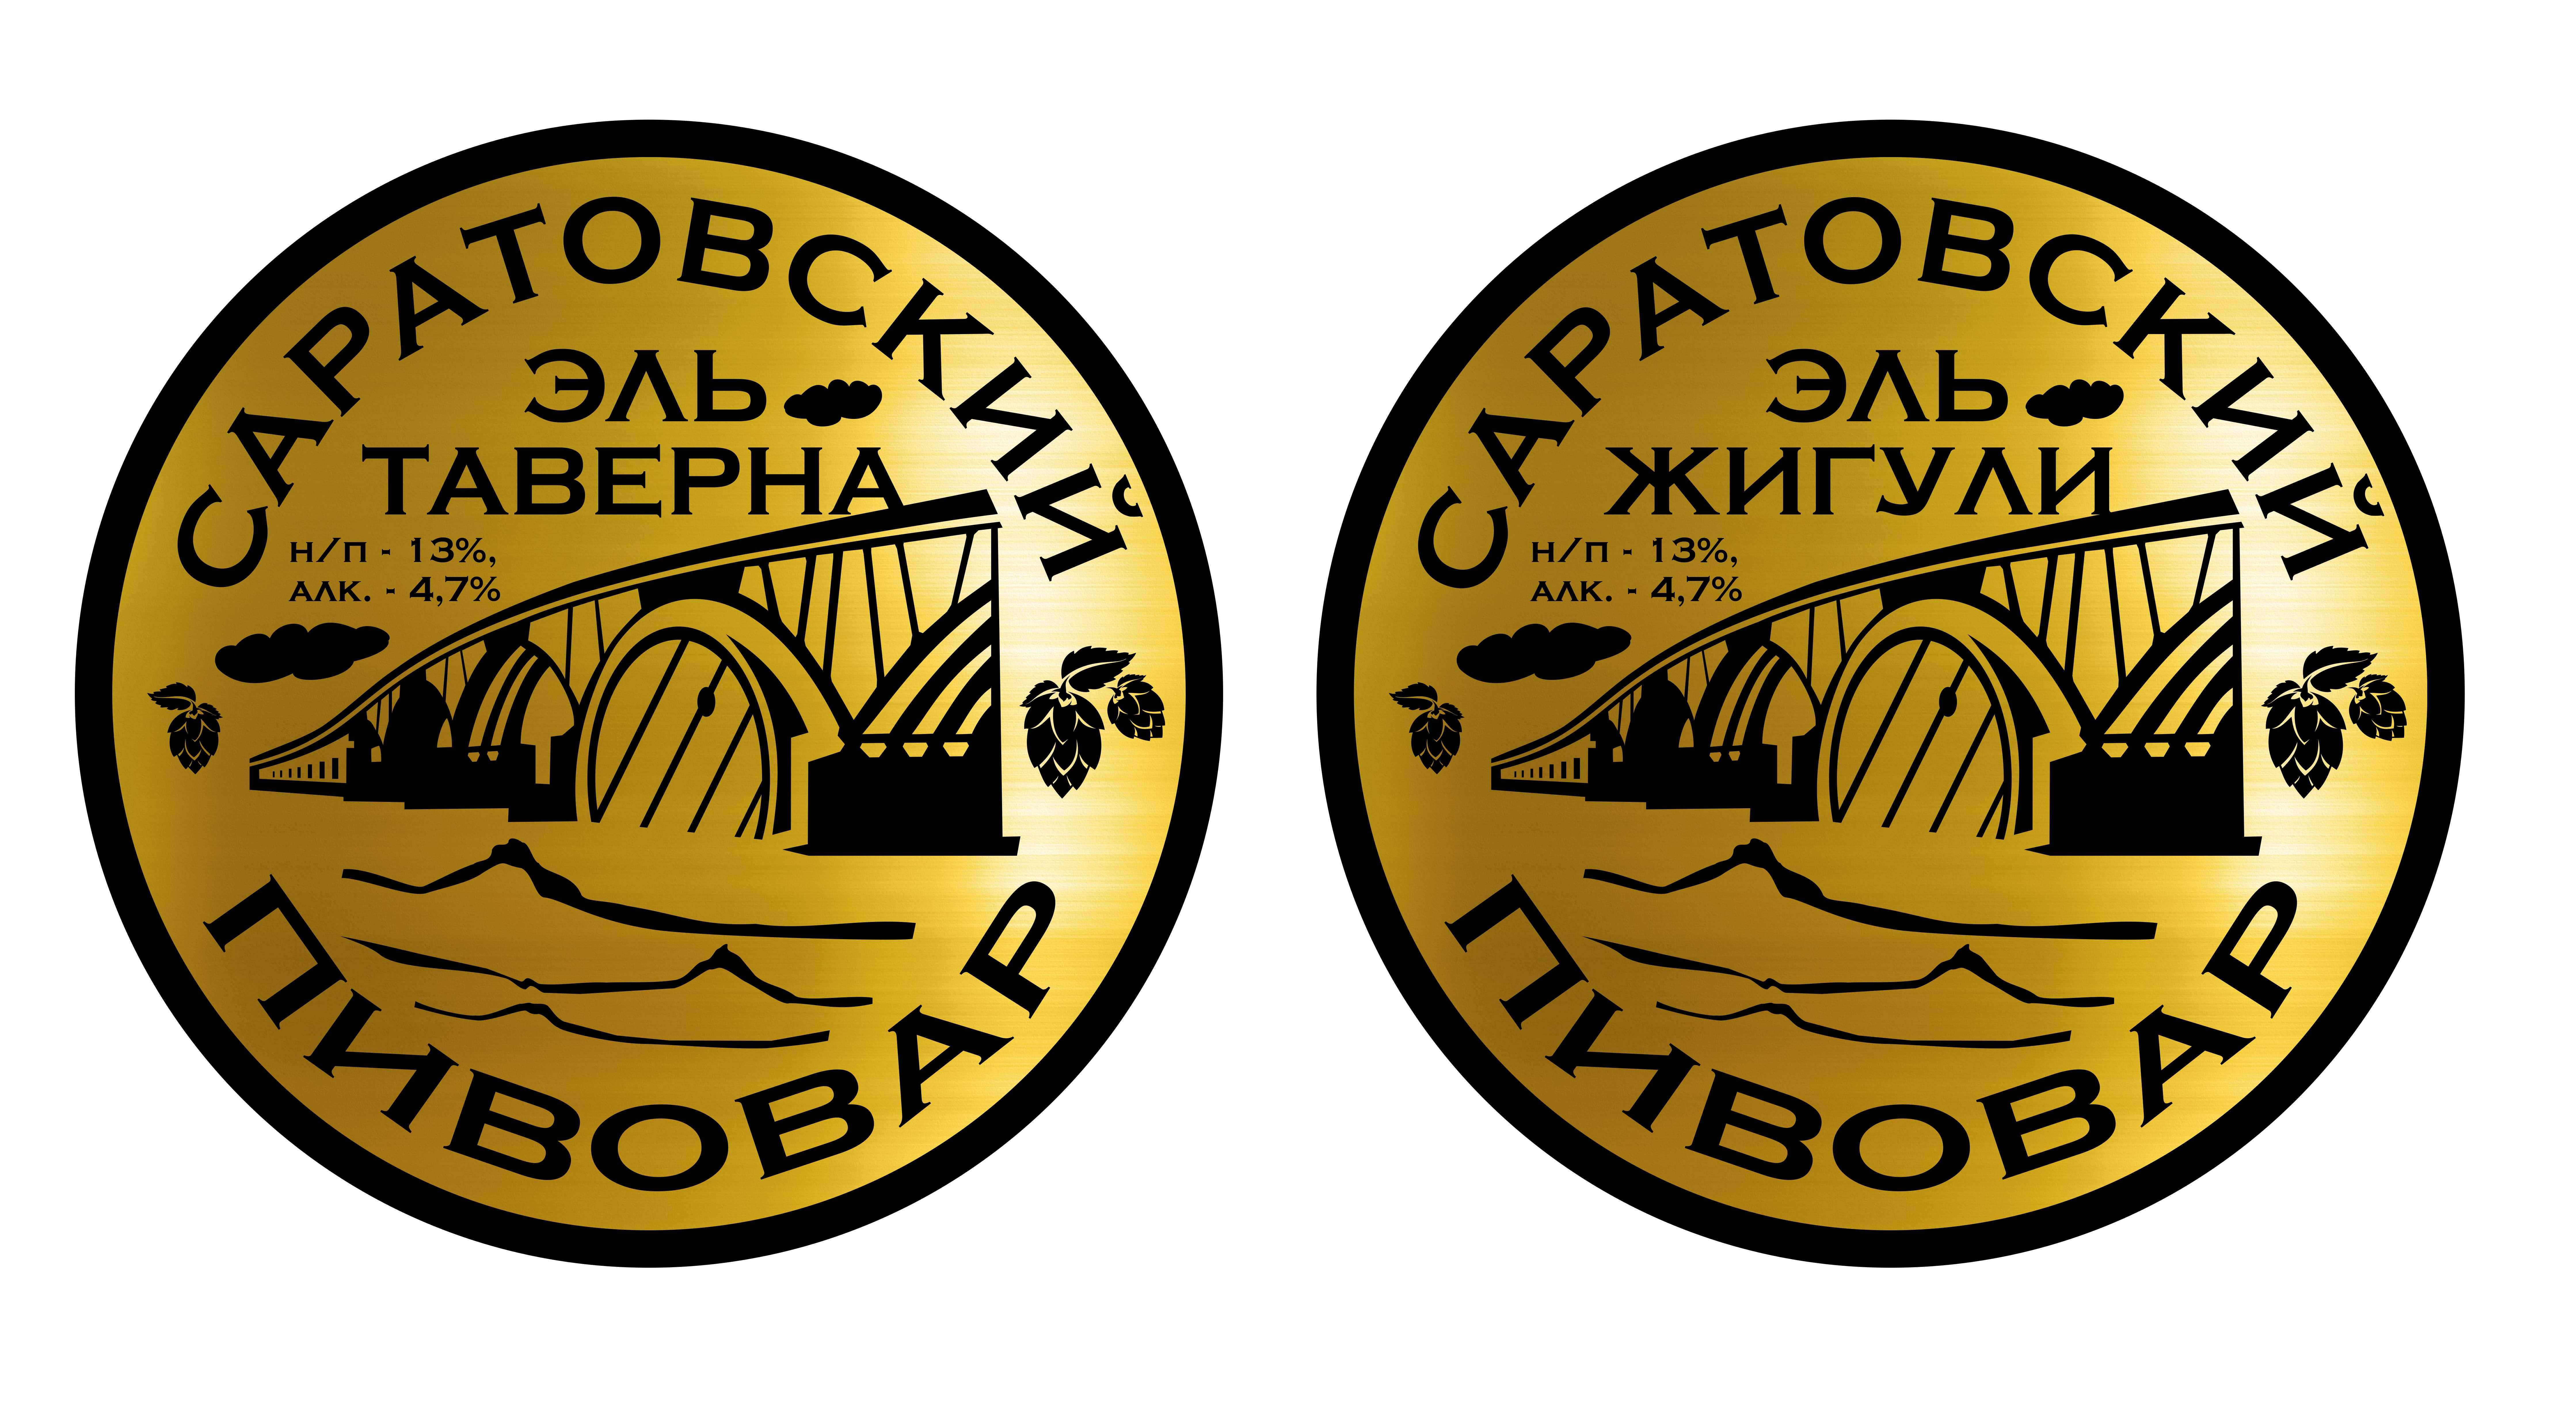 Разработка логотипа для частной пивоварни фото f_9215d76c27d74df0.jpg